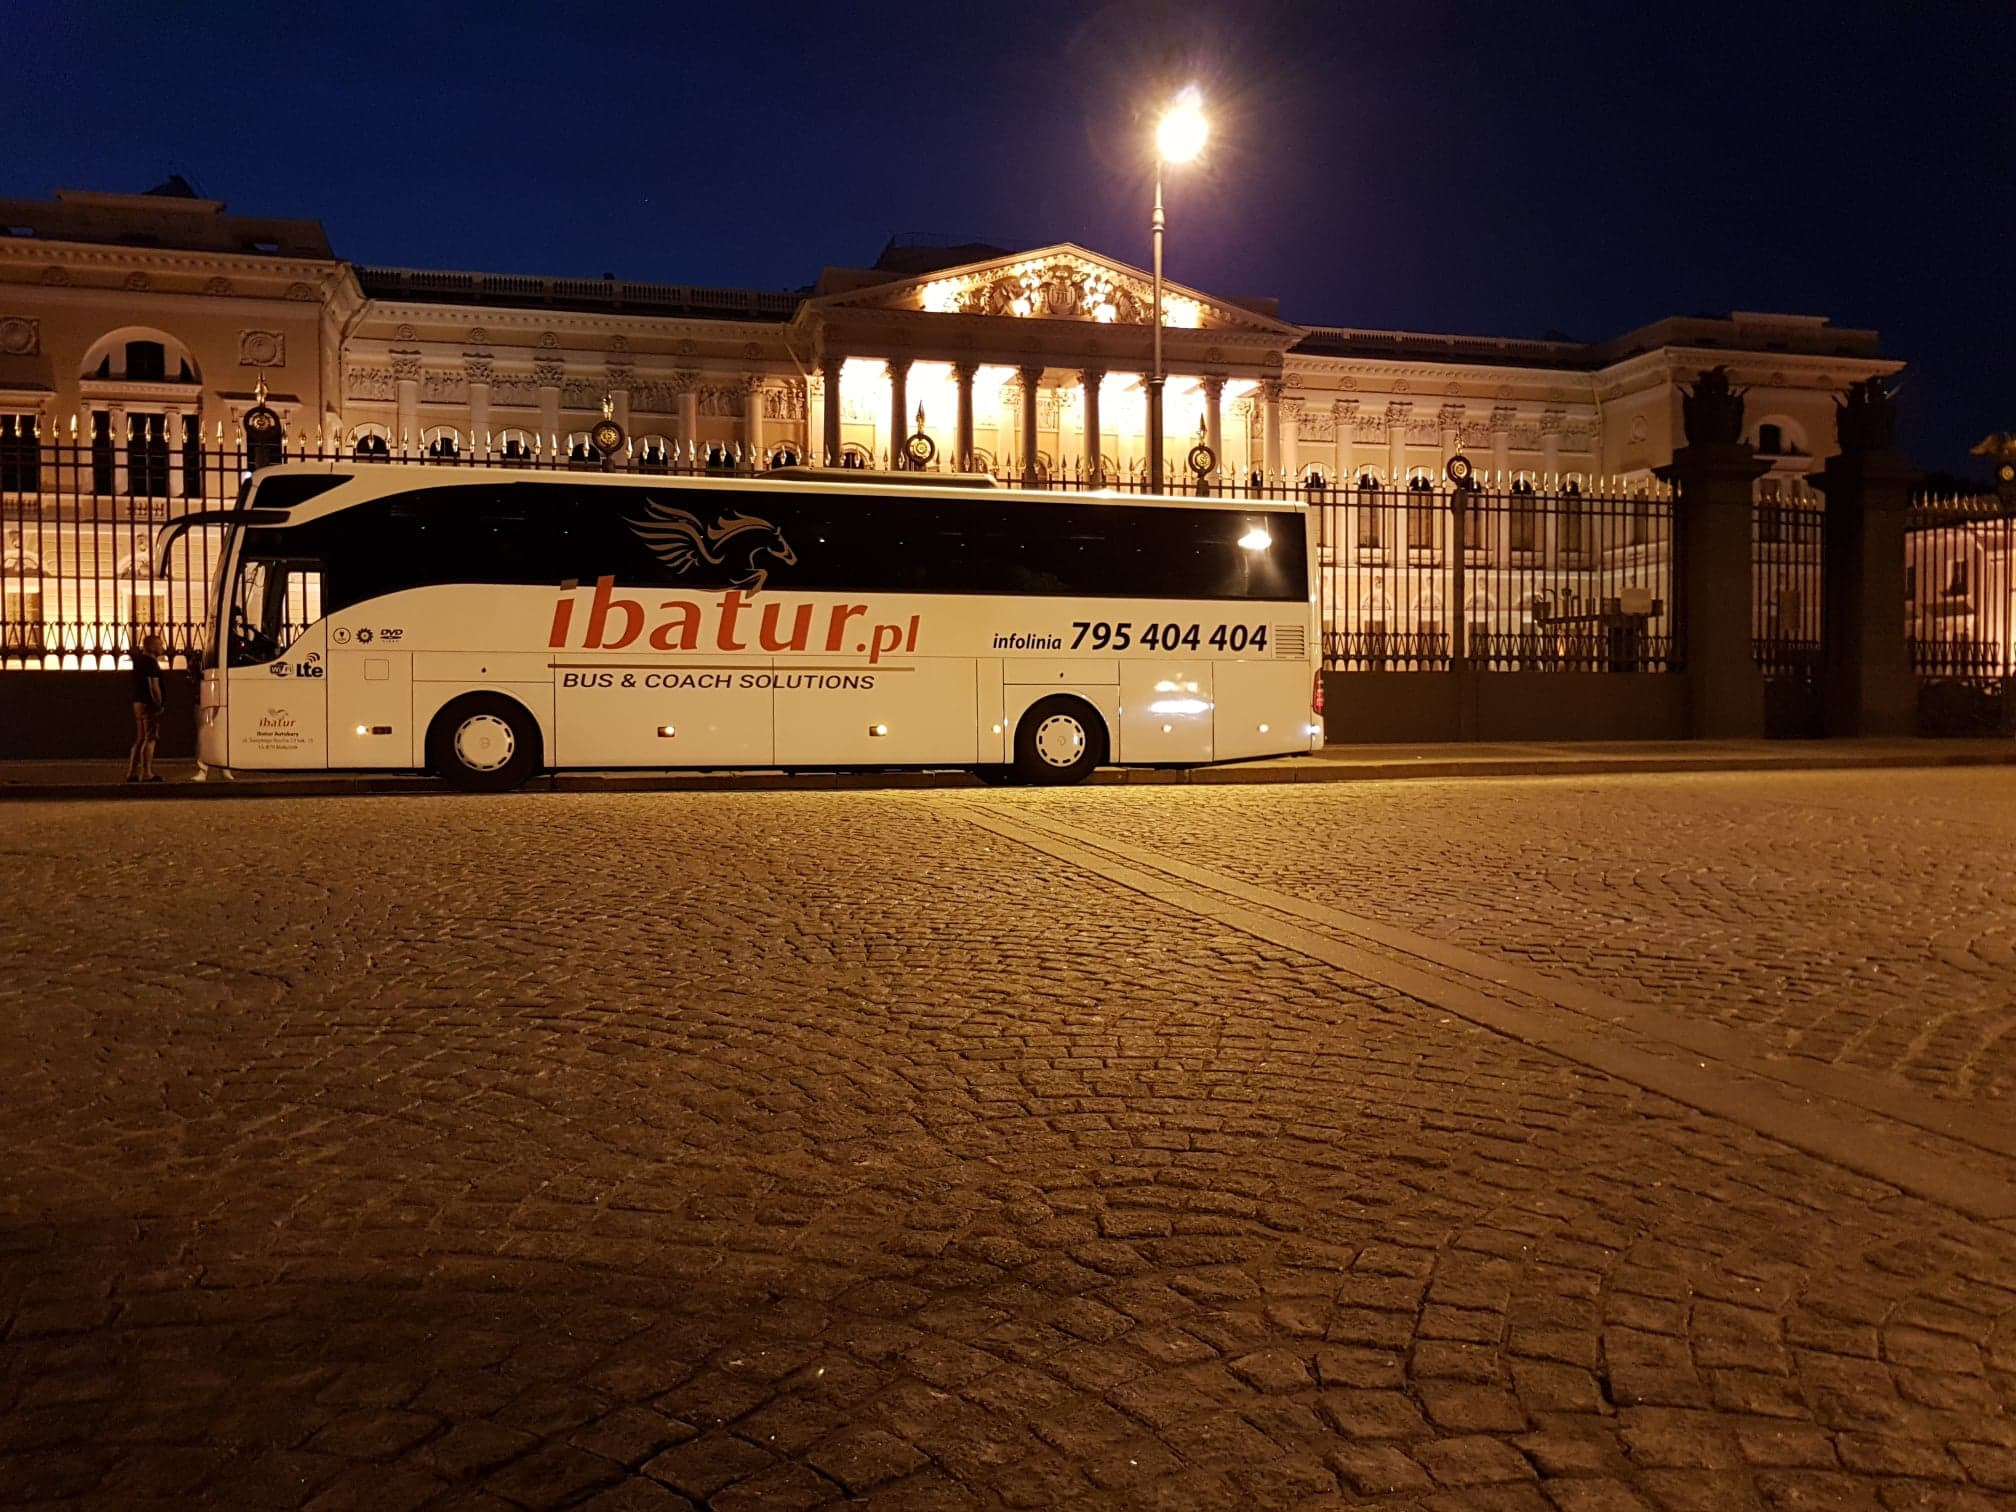 Поездка на автобусе в Санкт-Петербург – поездка на автобусе в Россию / июль